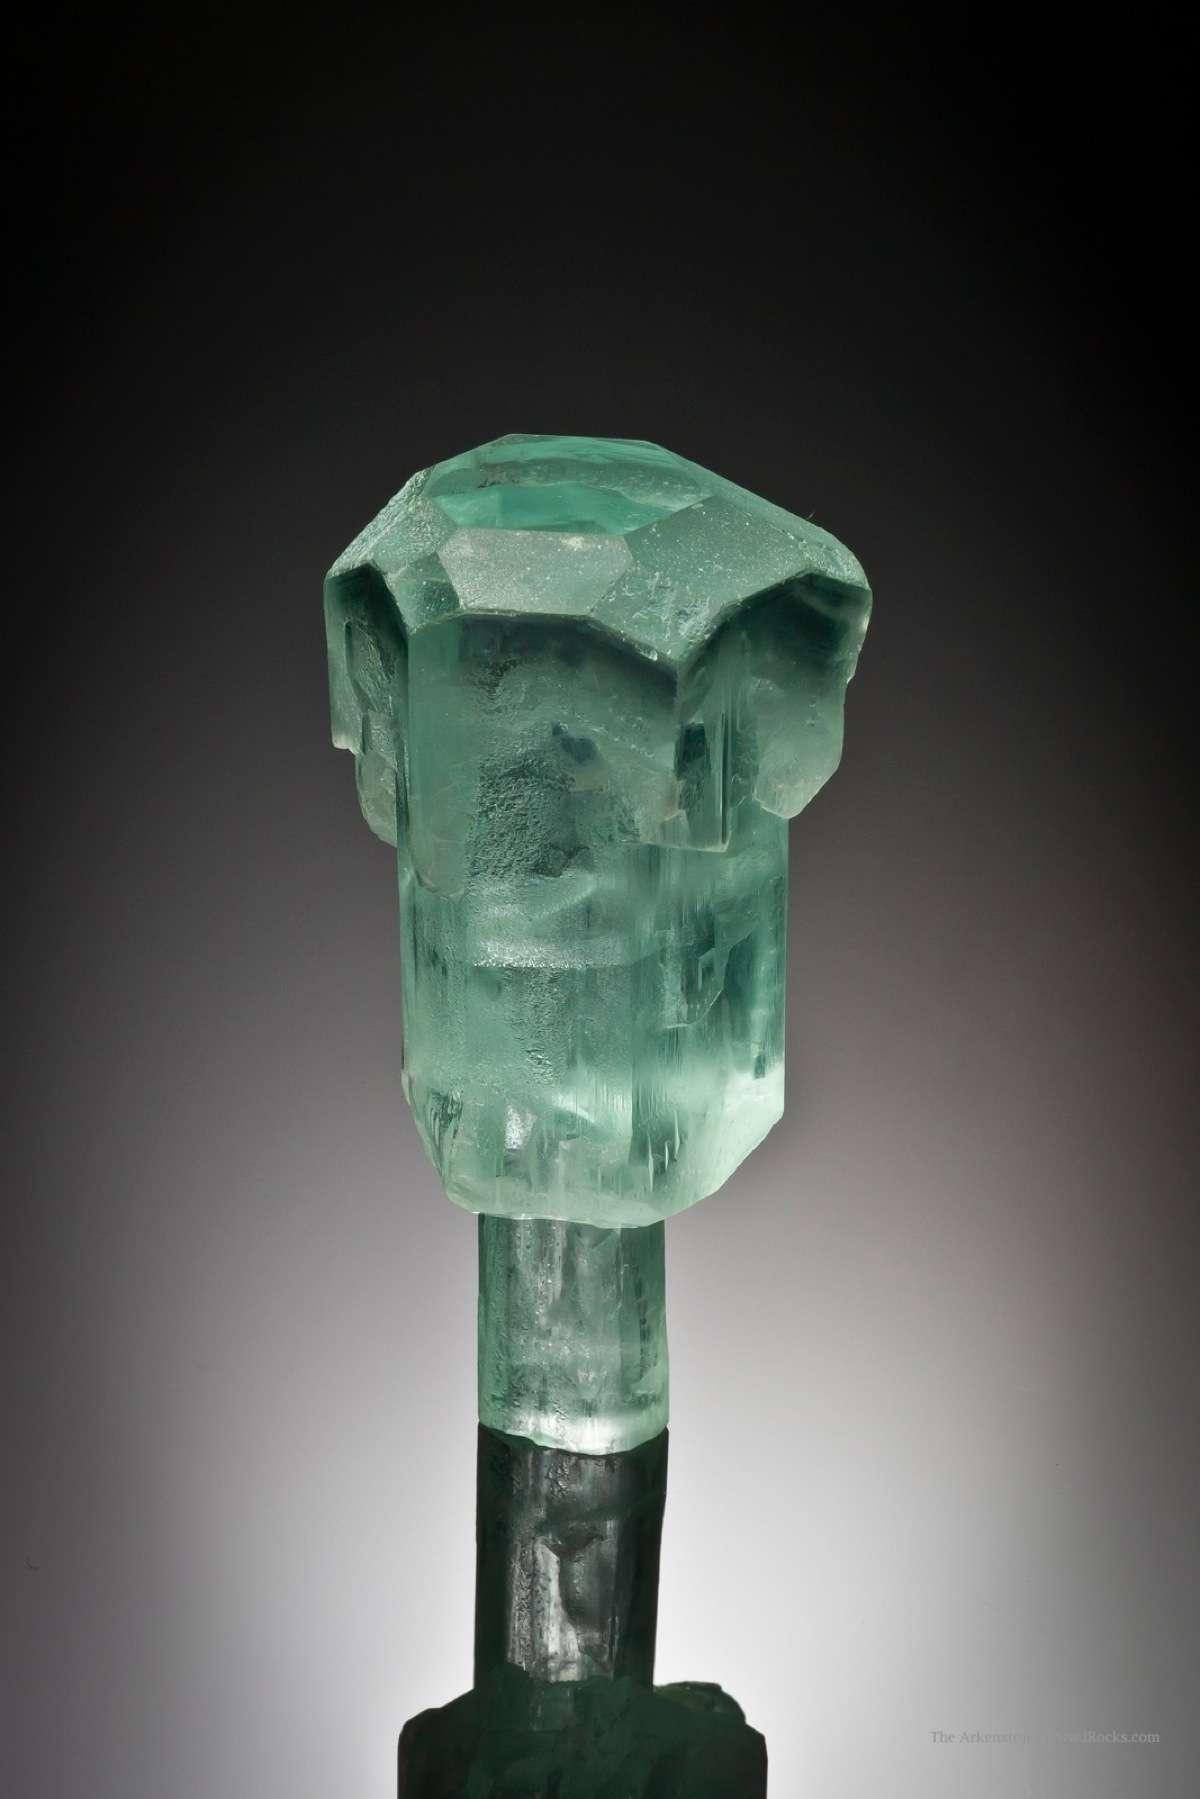 This 360 degree specimen unusual sceptered aquamarine dramatic form